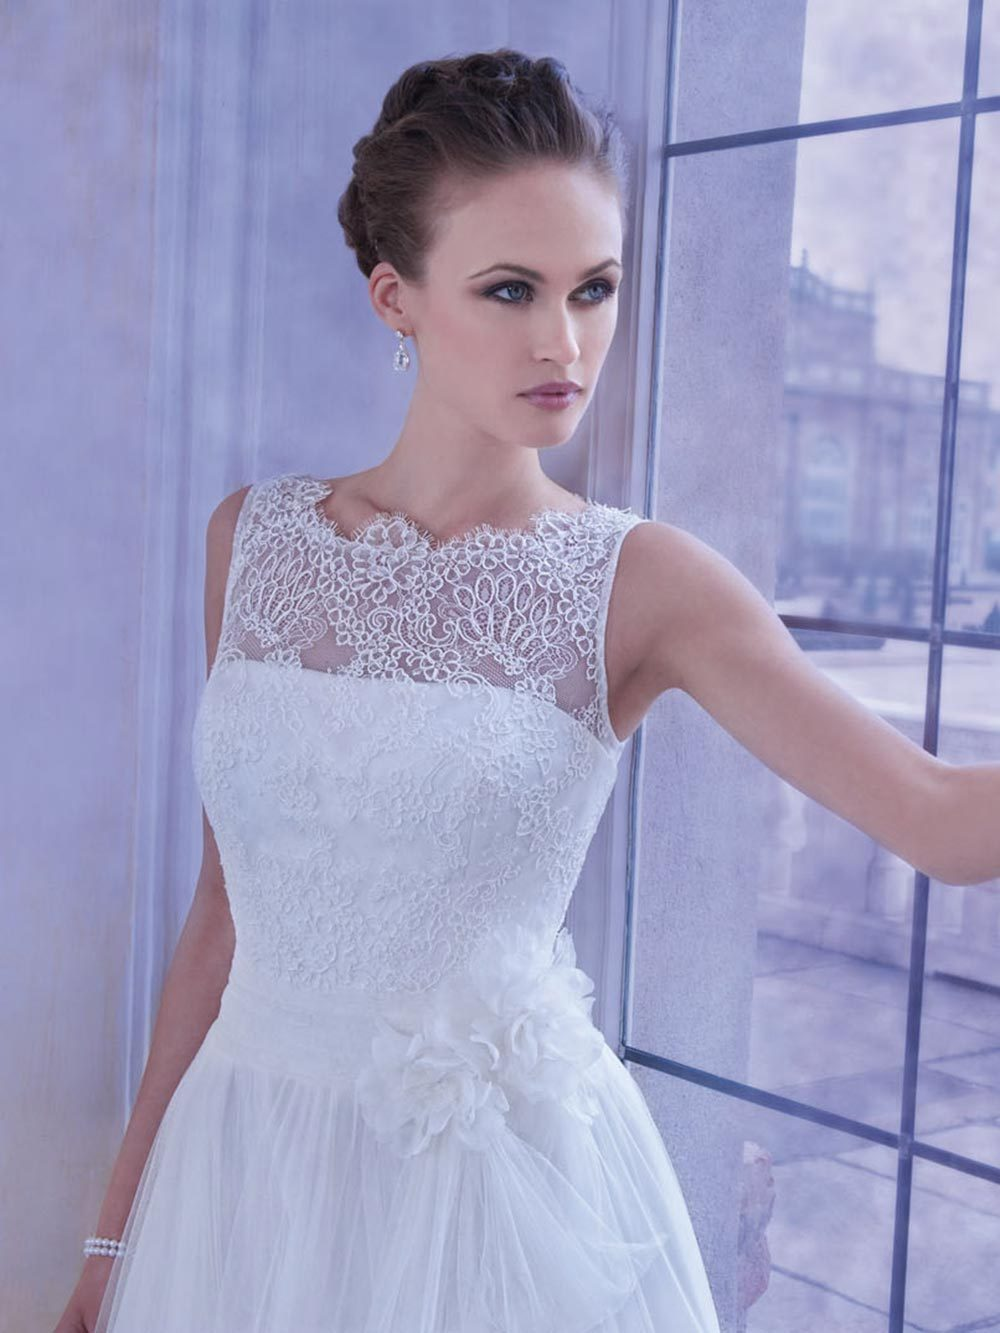 Brautkleid Style GR255 von Demetrios auf Jade